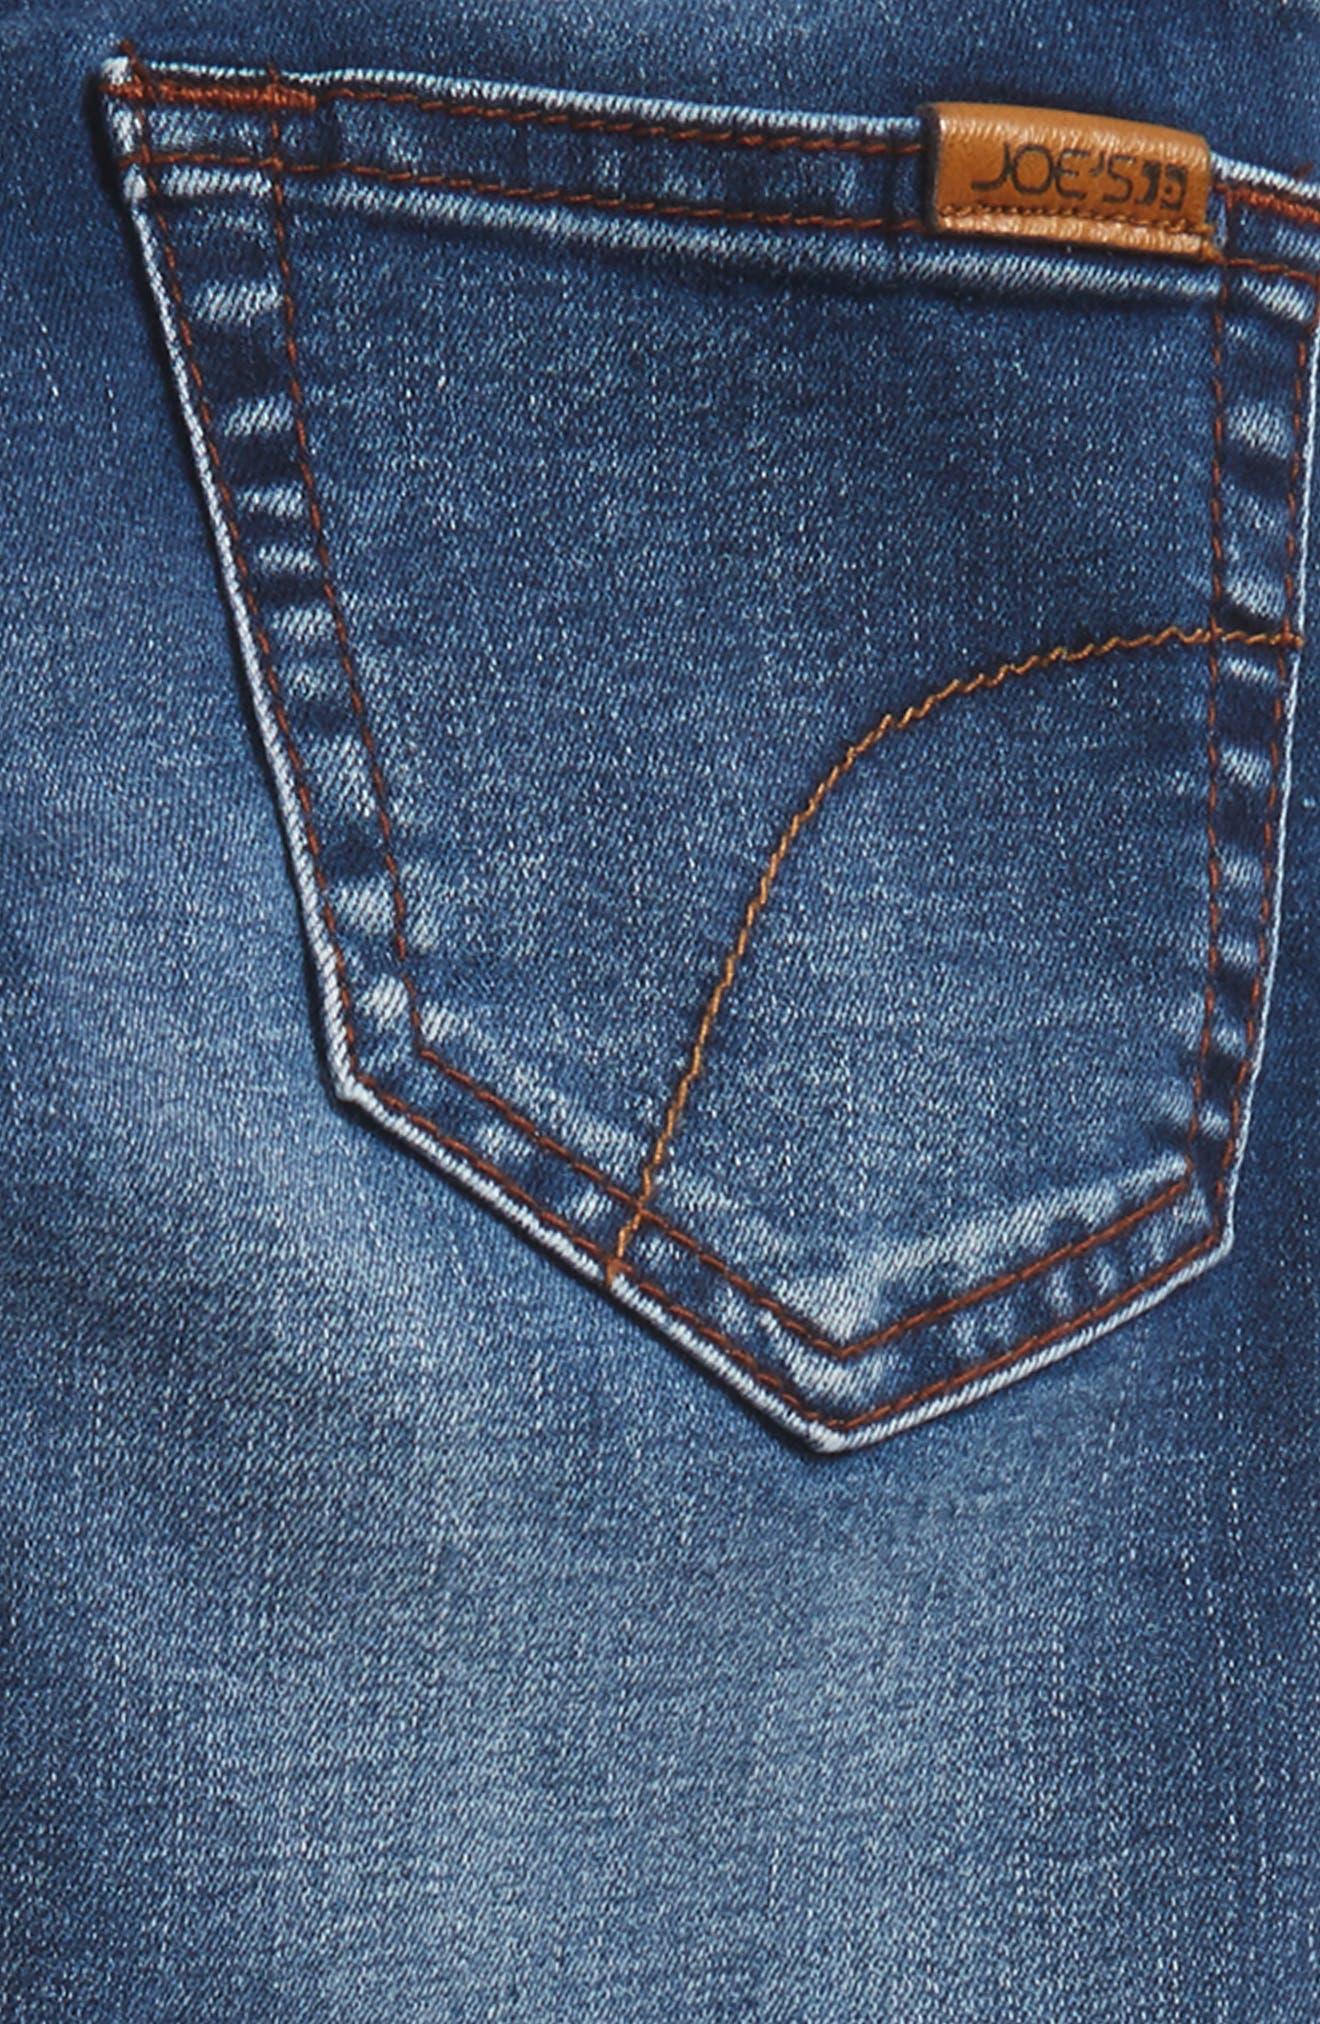 Brixton Slim Fit Stretch Jeans,                             Alternate thumbnail 3, color,